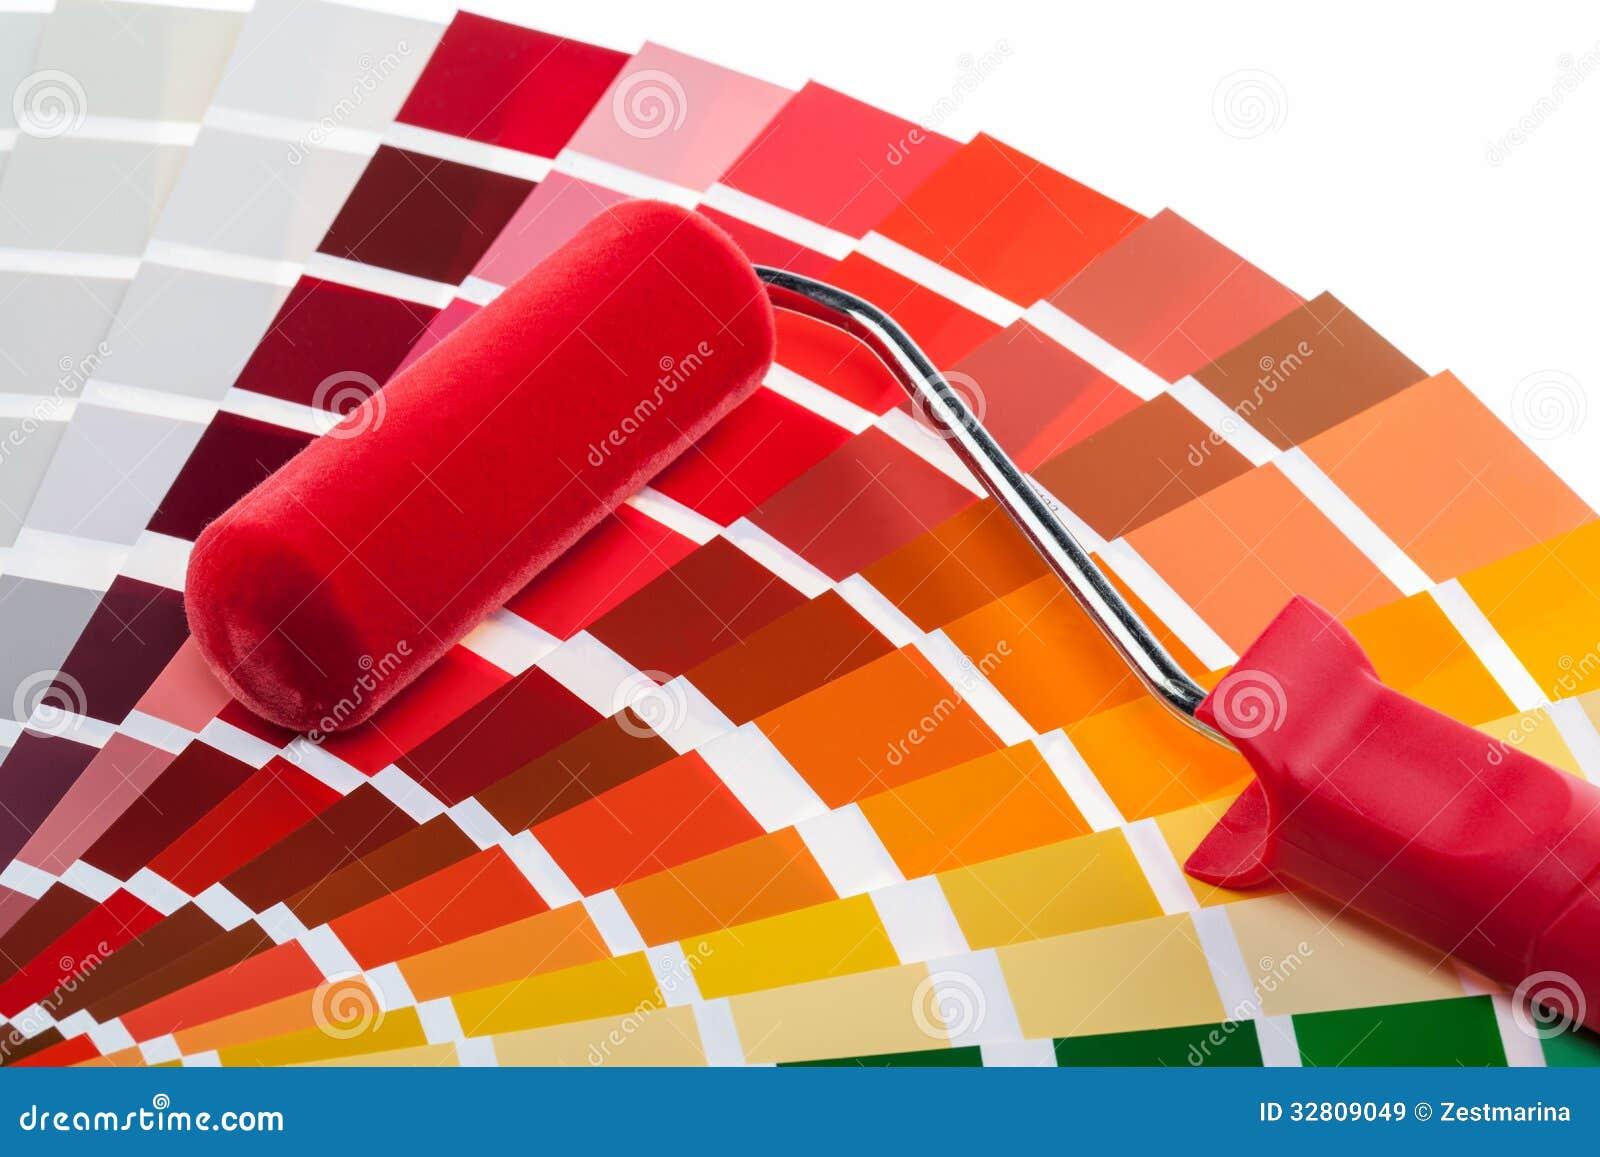 Muestras del rodillo y del color de pintura im genes de for Muestras de colores de pintura